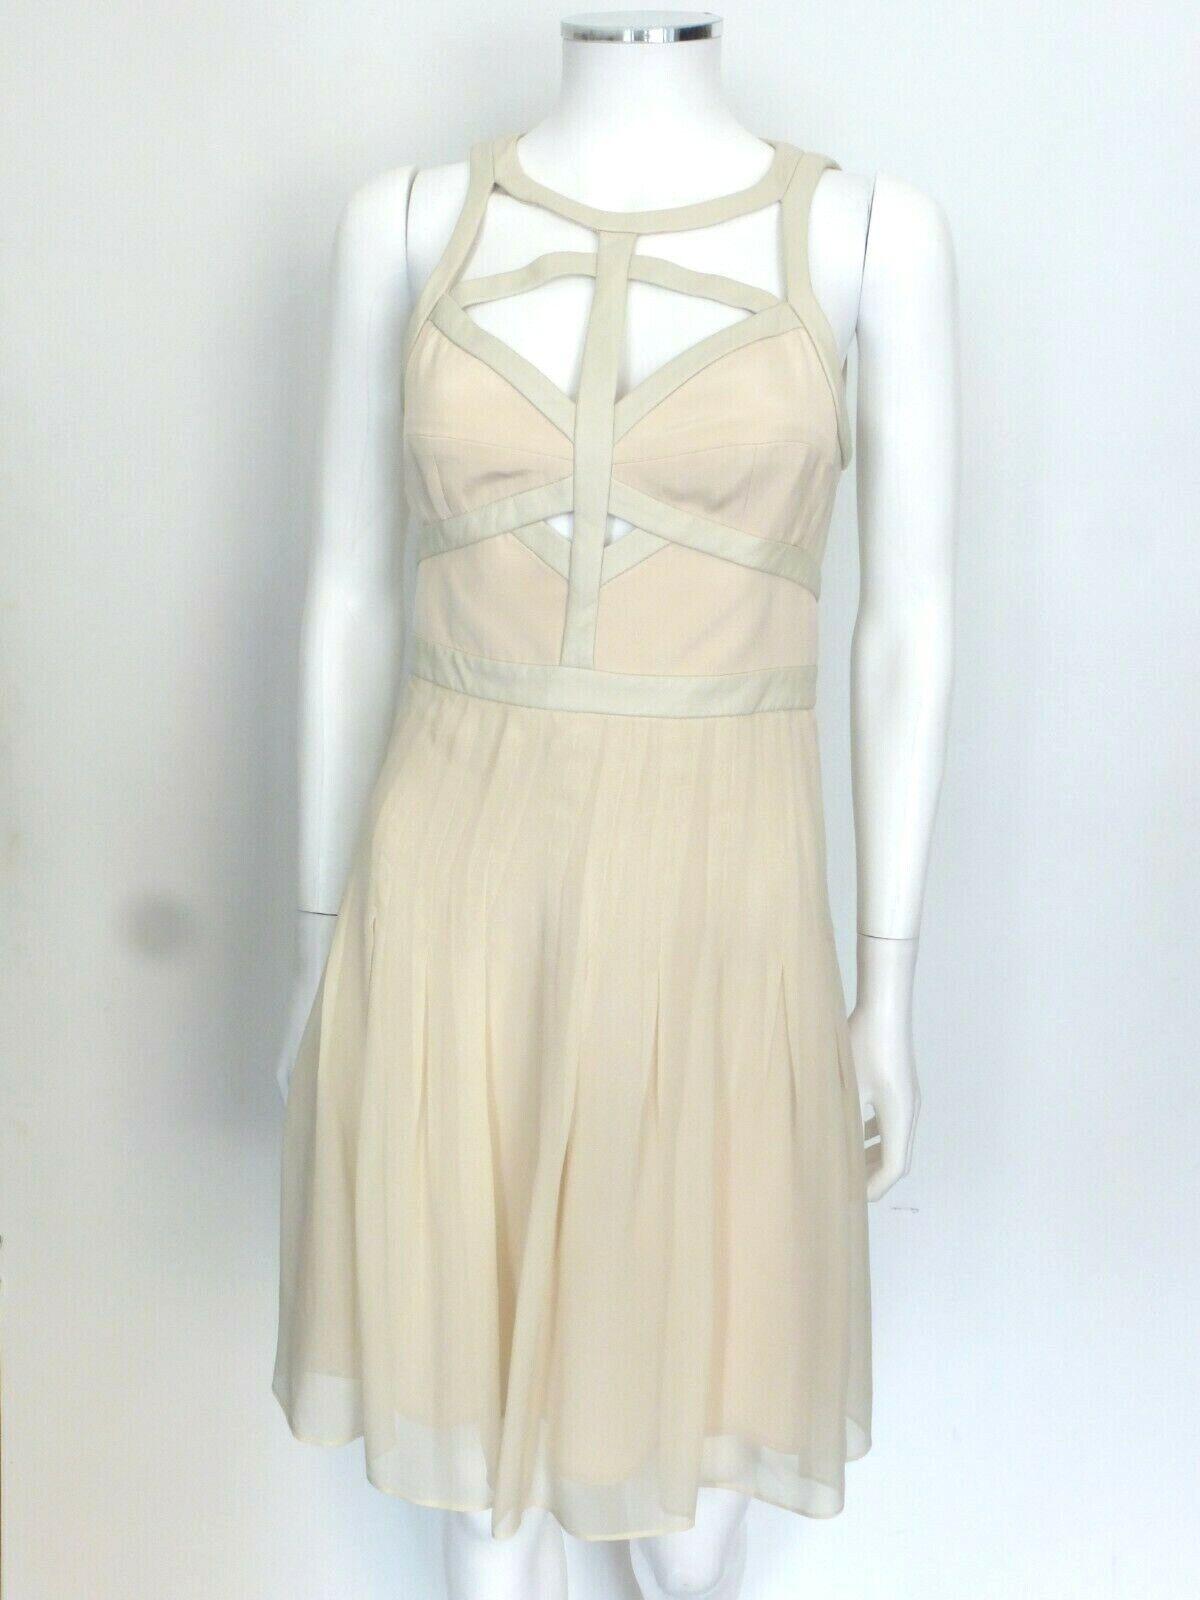 Rebecca Taylor Nude dress Leather Cut-Out design Sz 2 Eu 38